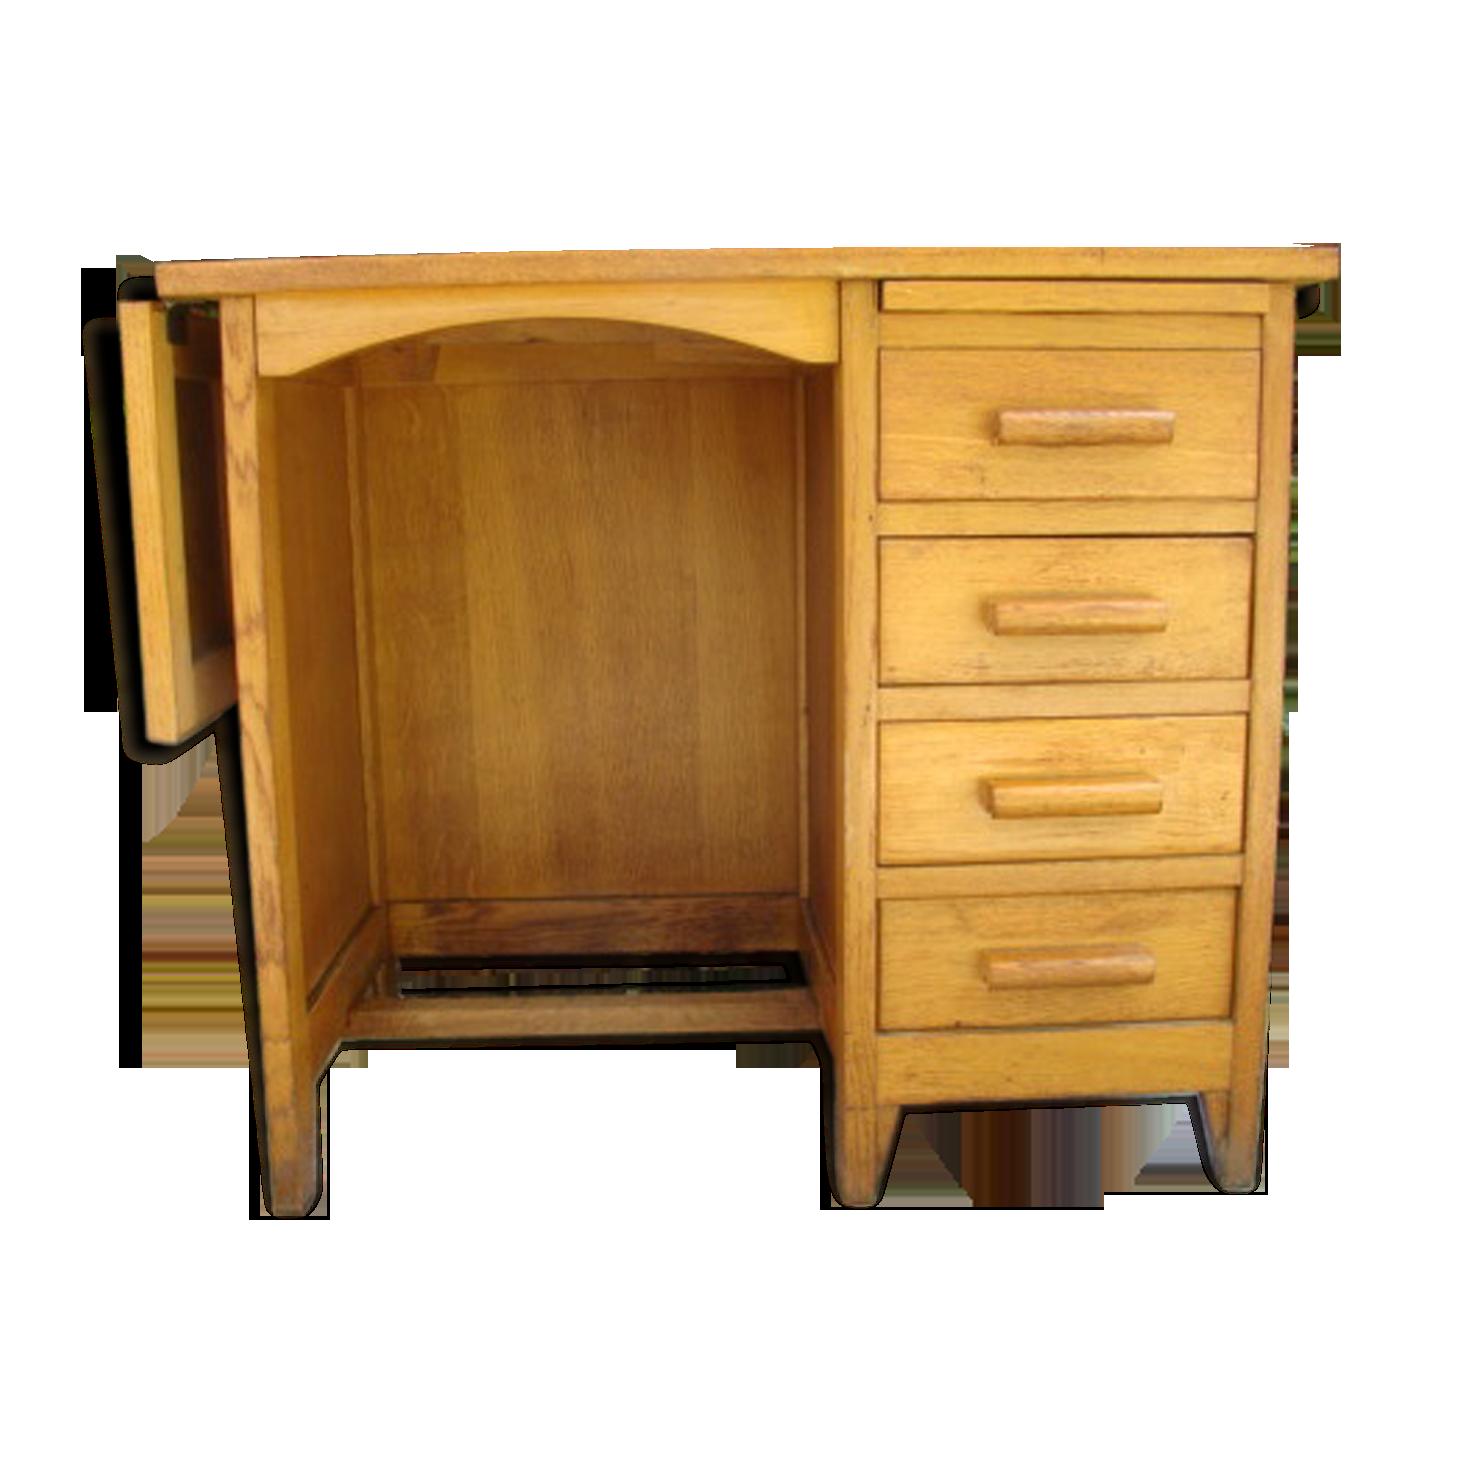 Bureau chêne clair vintage bois matériau bois couleur